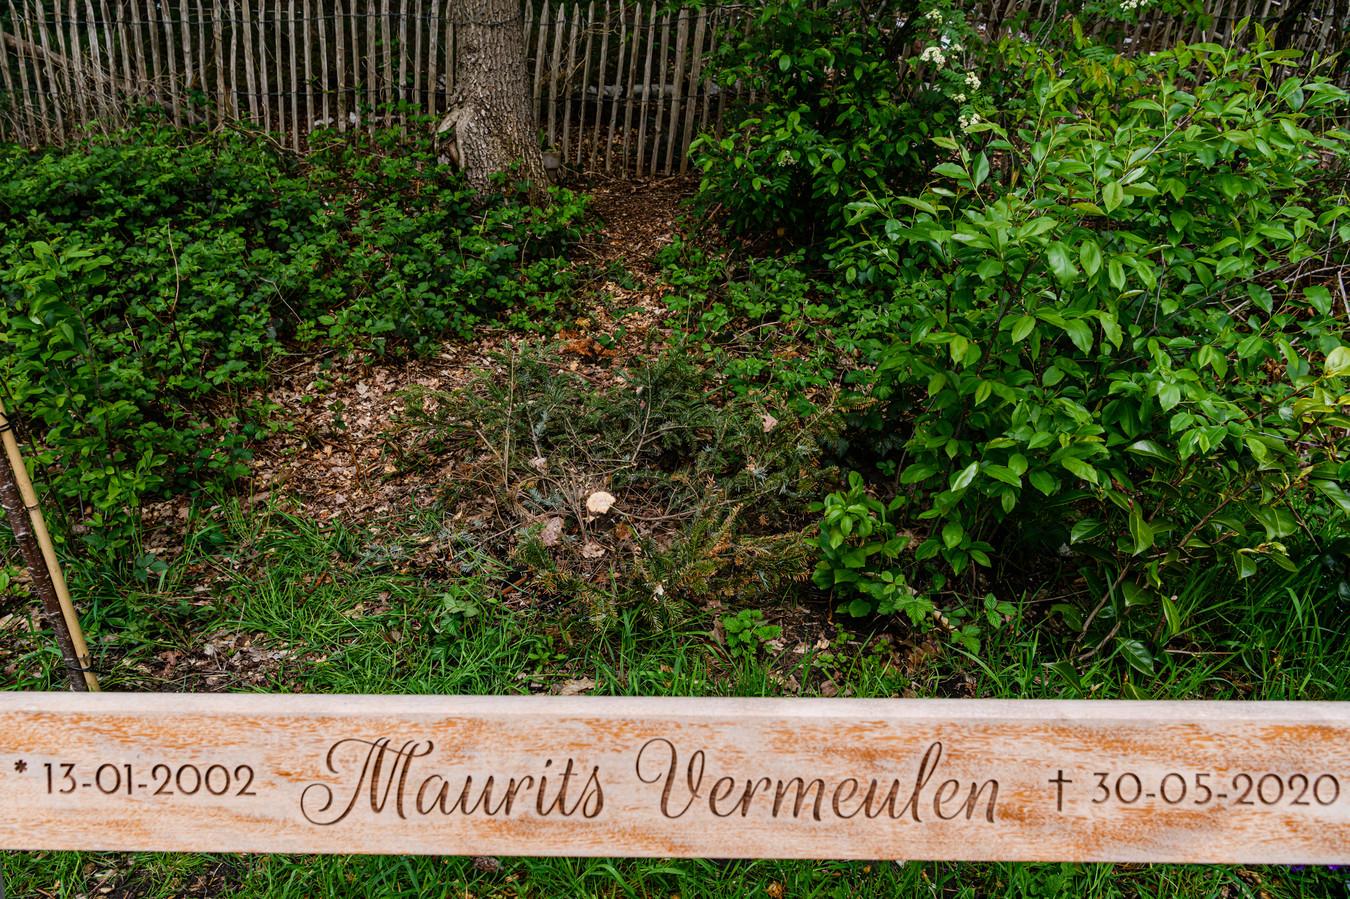 Gedenkplek voor Maurits Vermeulen langs de N237. Het stompje van de omgezaagde herinneringsboom is nog net te zien.